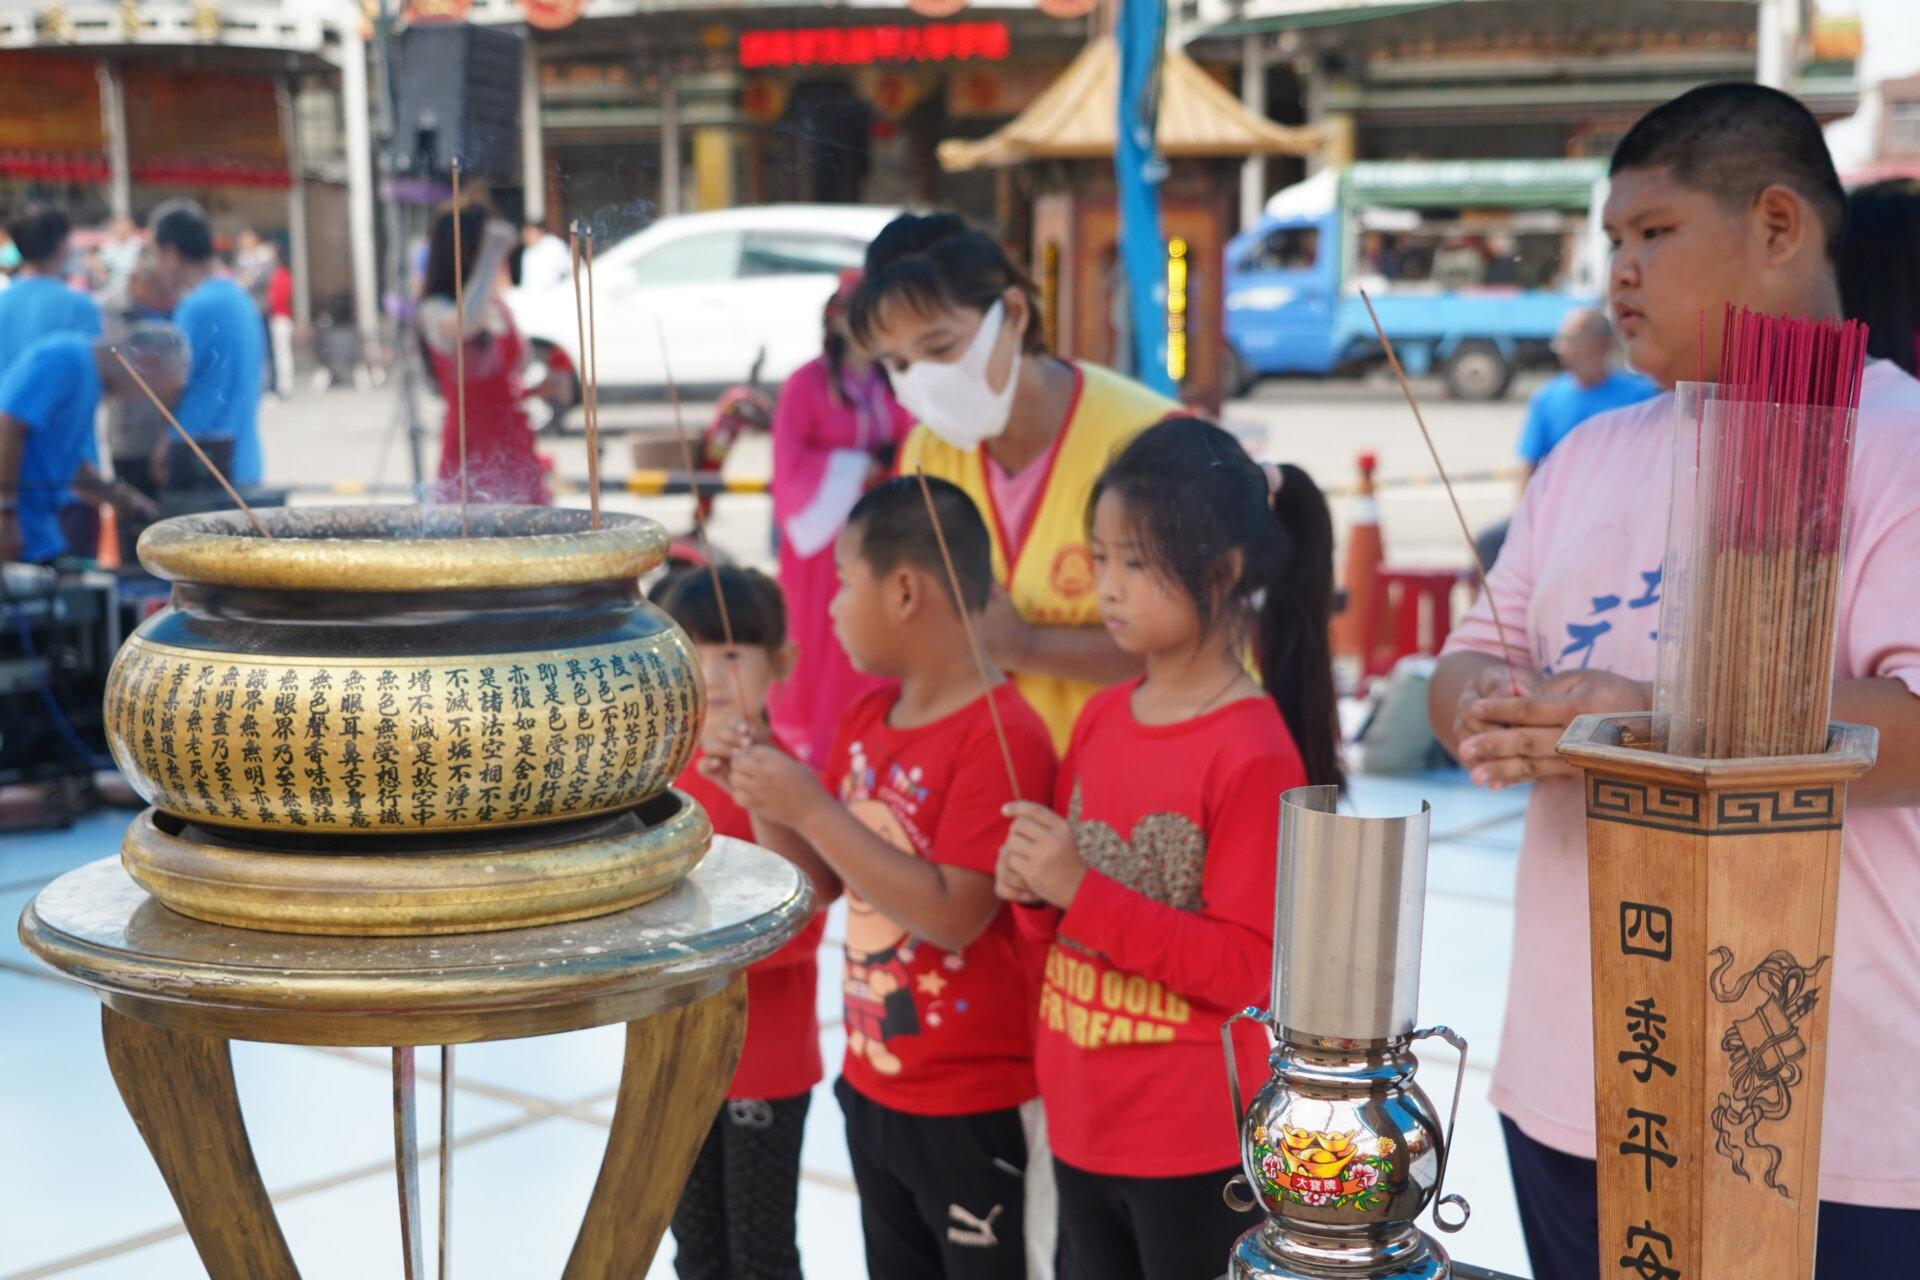 行動佛殿110站嘉義布袋魍港,眾多信眾虔誠禮拜